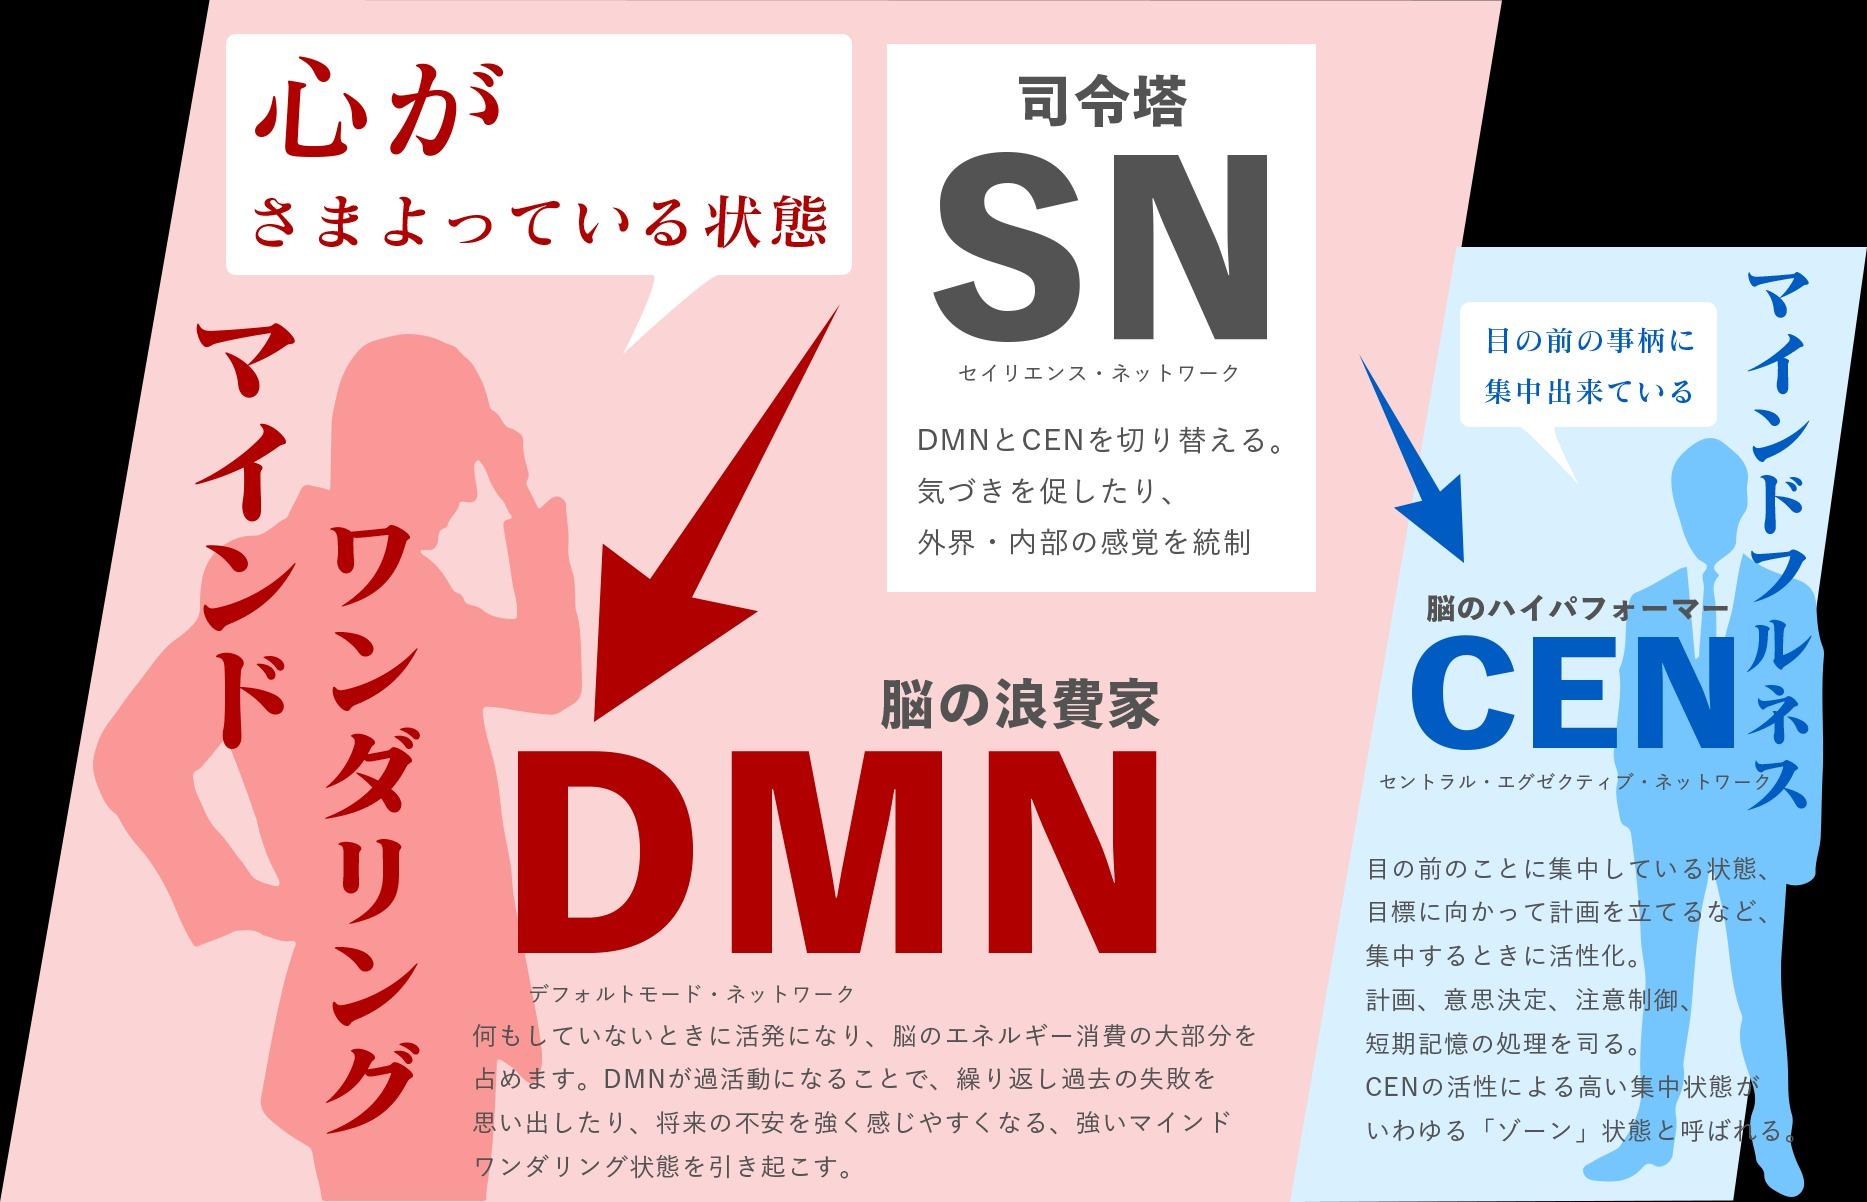 マインドワンダリングとDMN、CEN